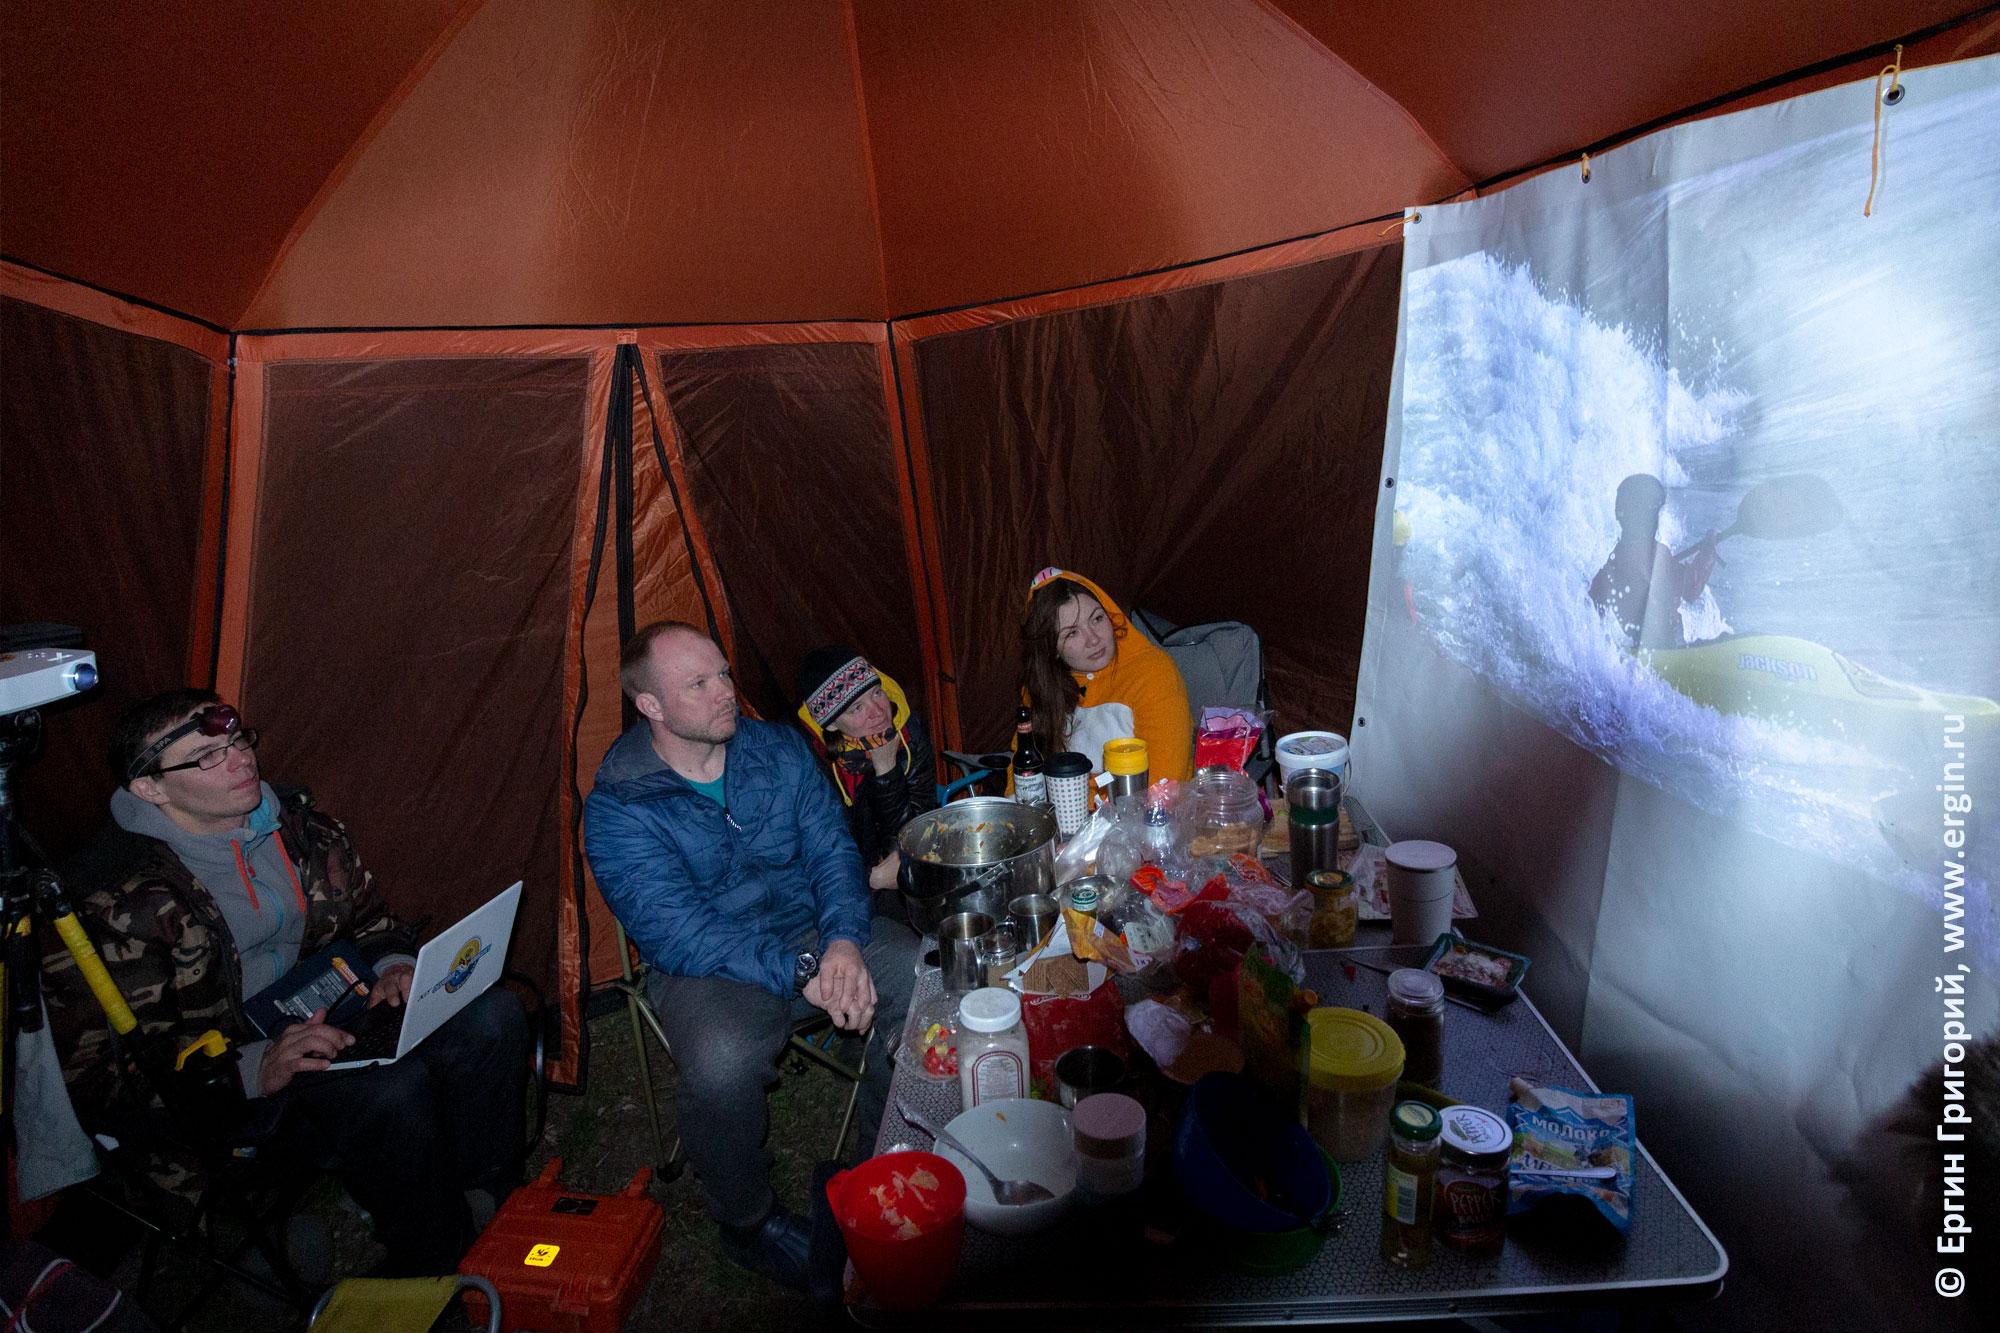 Просмотр видео с тренировок по фристайлу на бурной воде на каяках в шатре у реки Изар